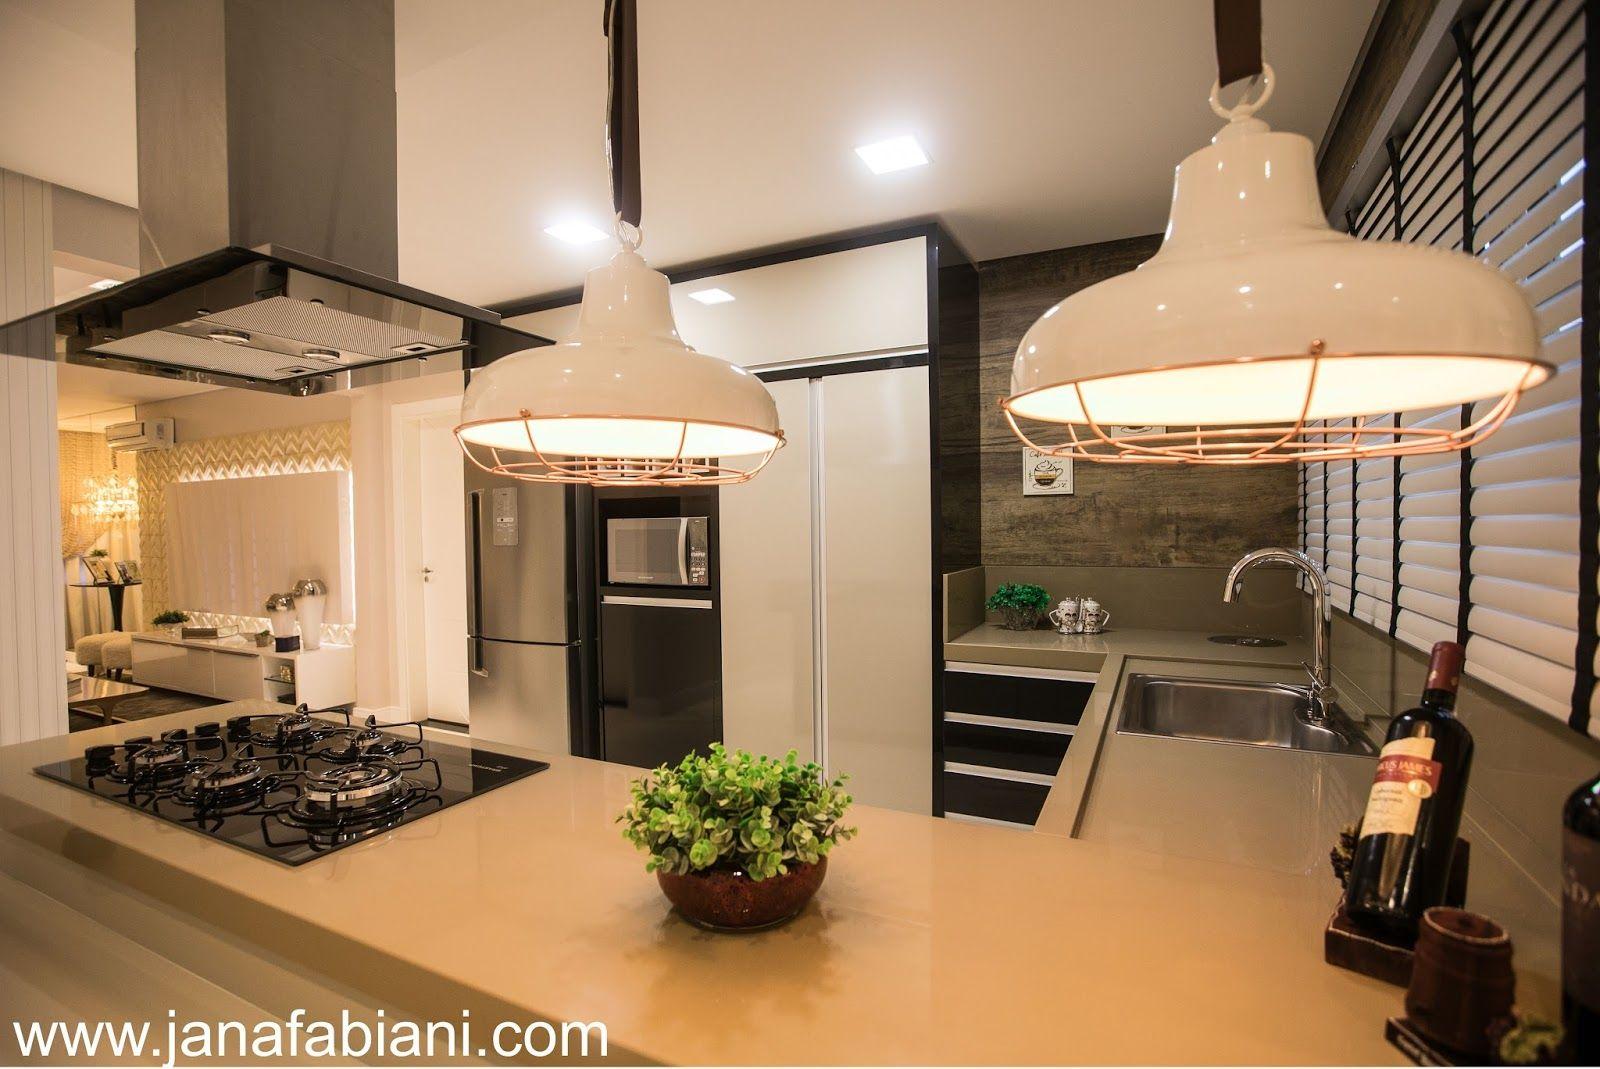 Reforma De Cozinha Silestone Marrom Cozinha Moderna Madeira